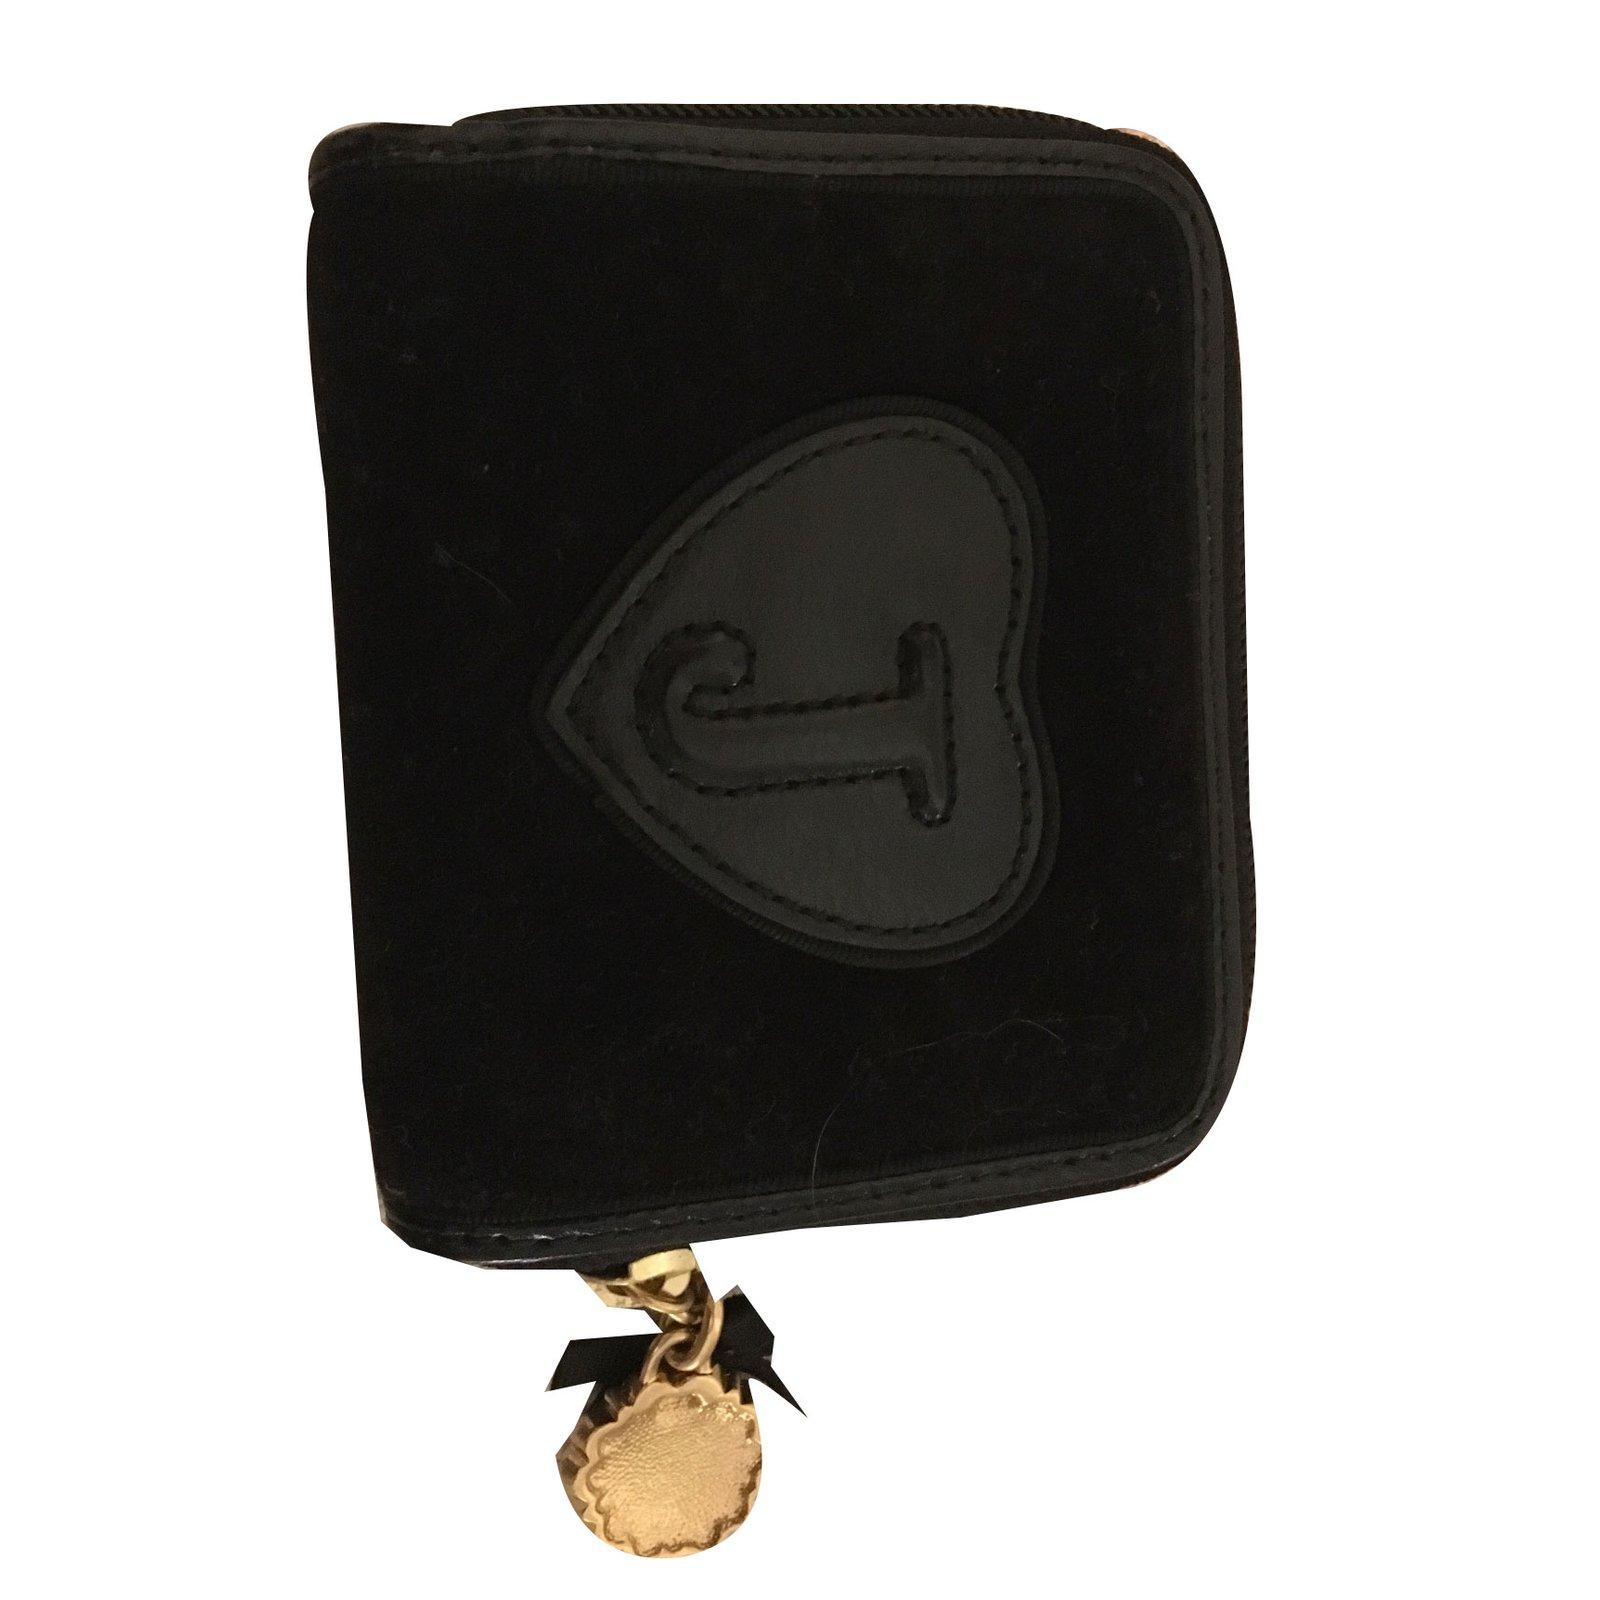 Portefeuilles Juicy Couture Portefeuille Velours Noir ref.38978 - Joli  Closet 404c53e2152be